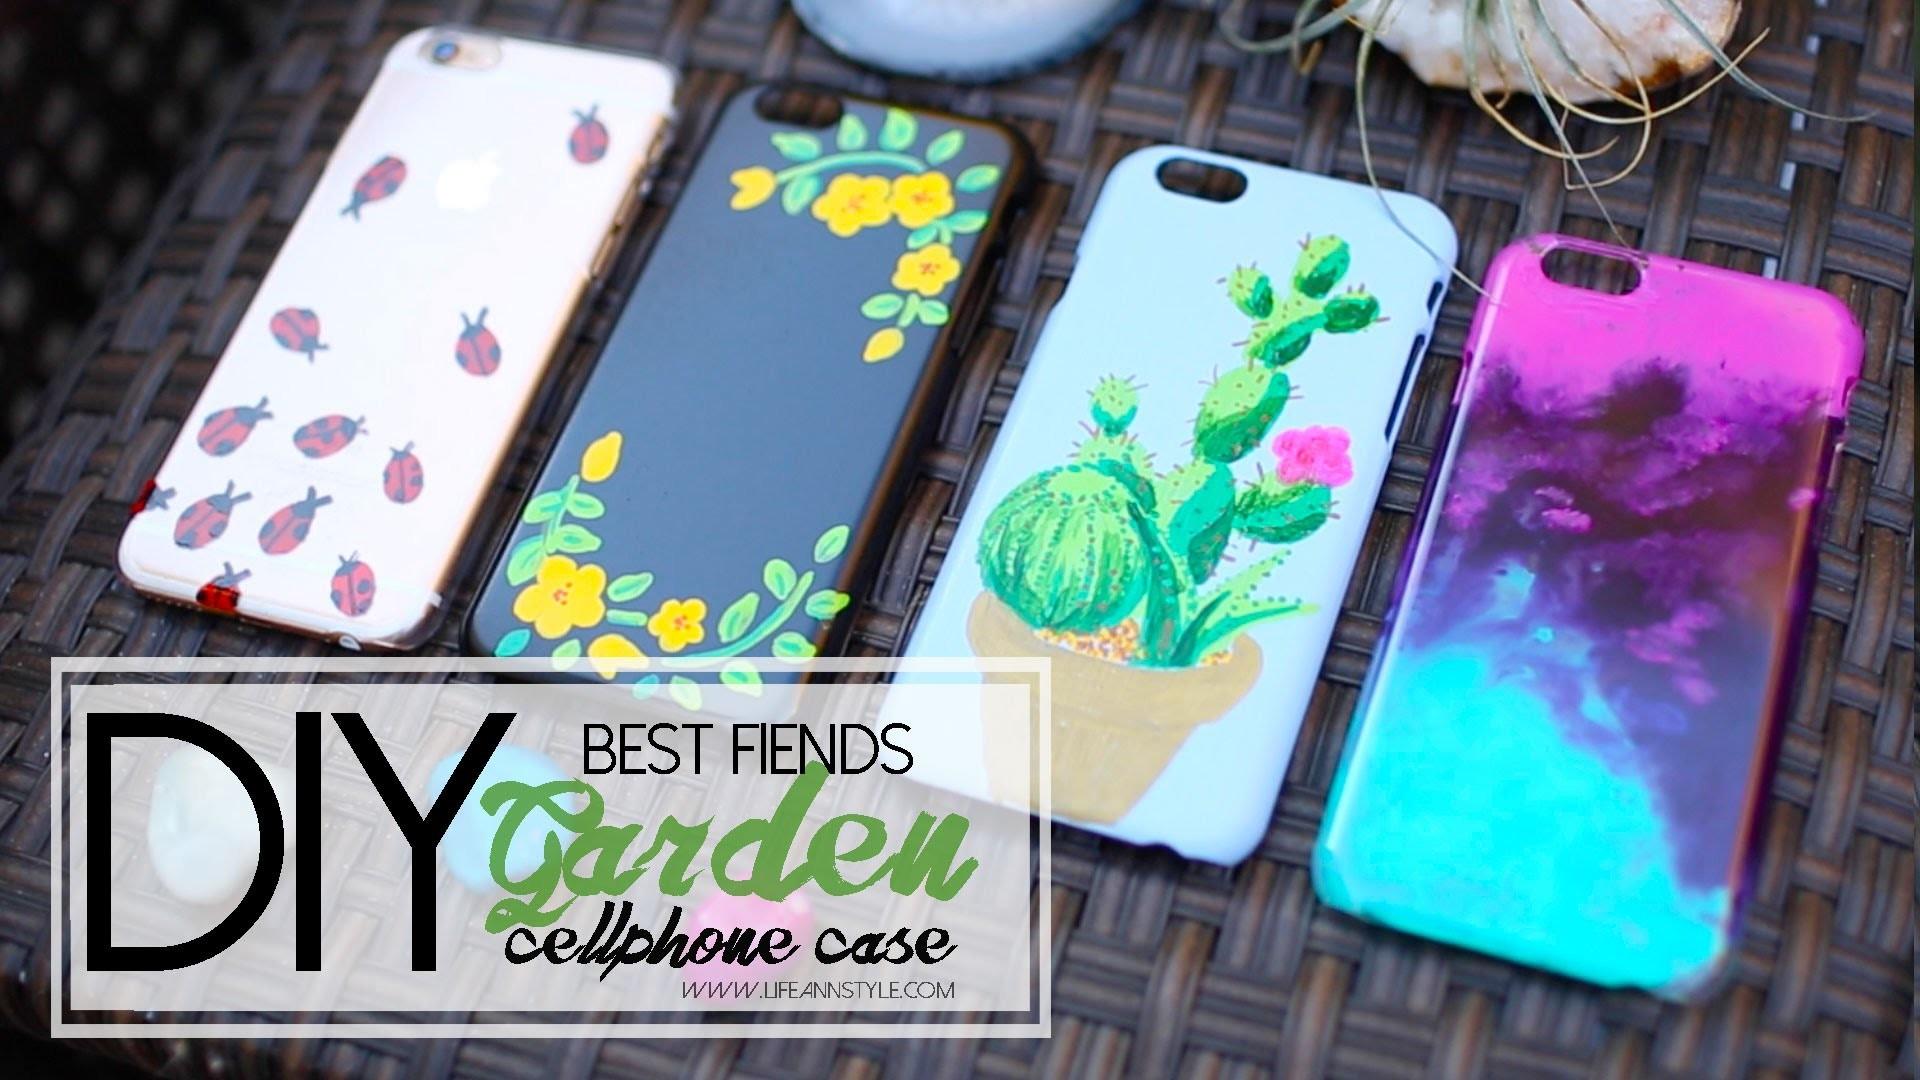 DIY Sharpie Paint Cellphone Case - Best Fiends | ANNEORSHINE